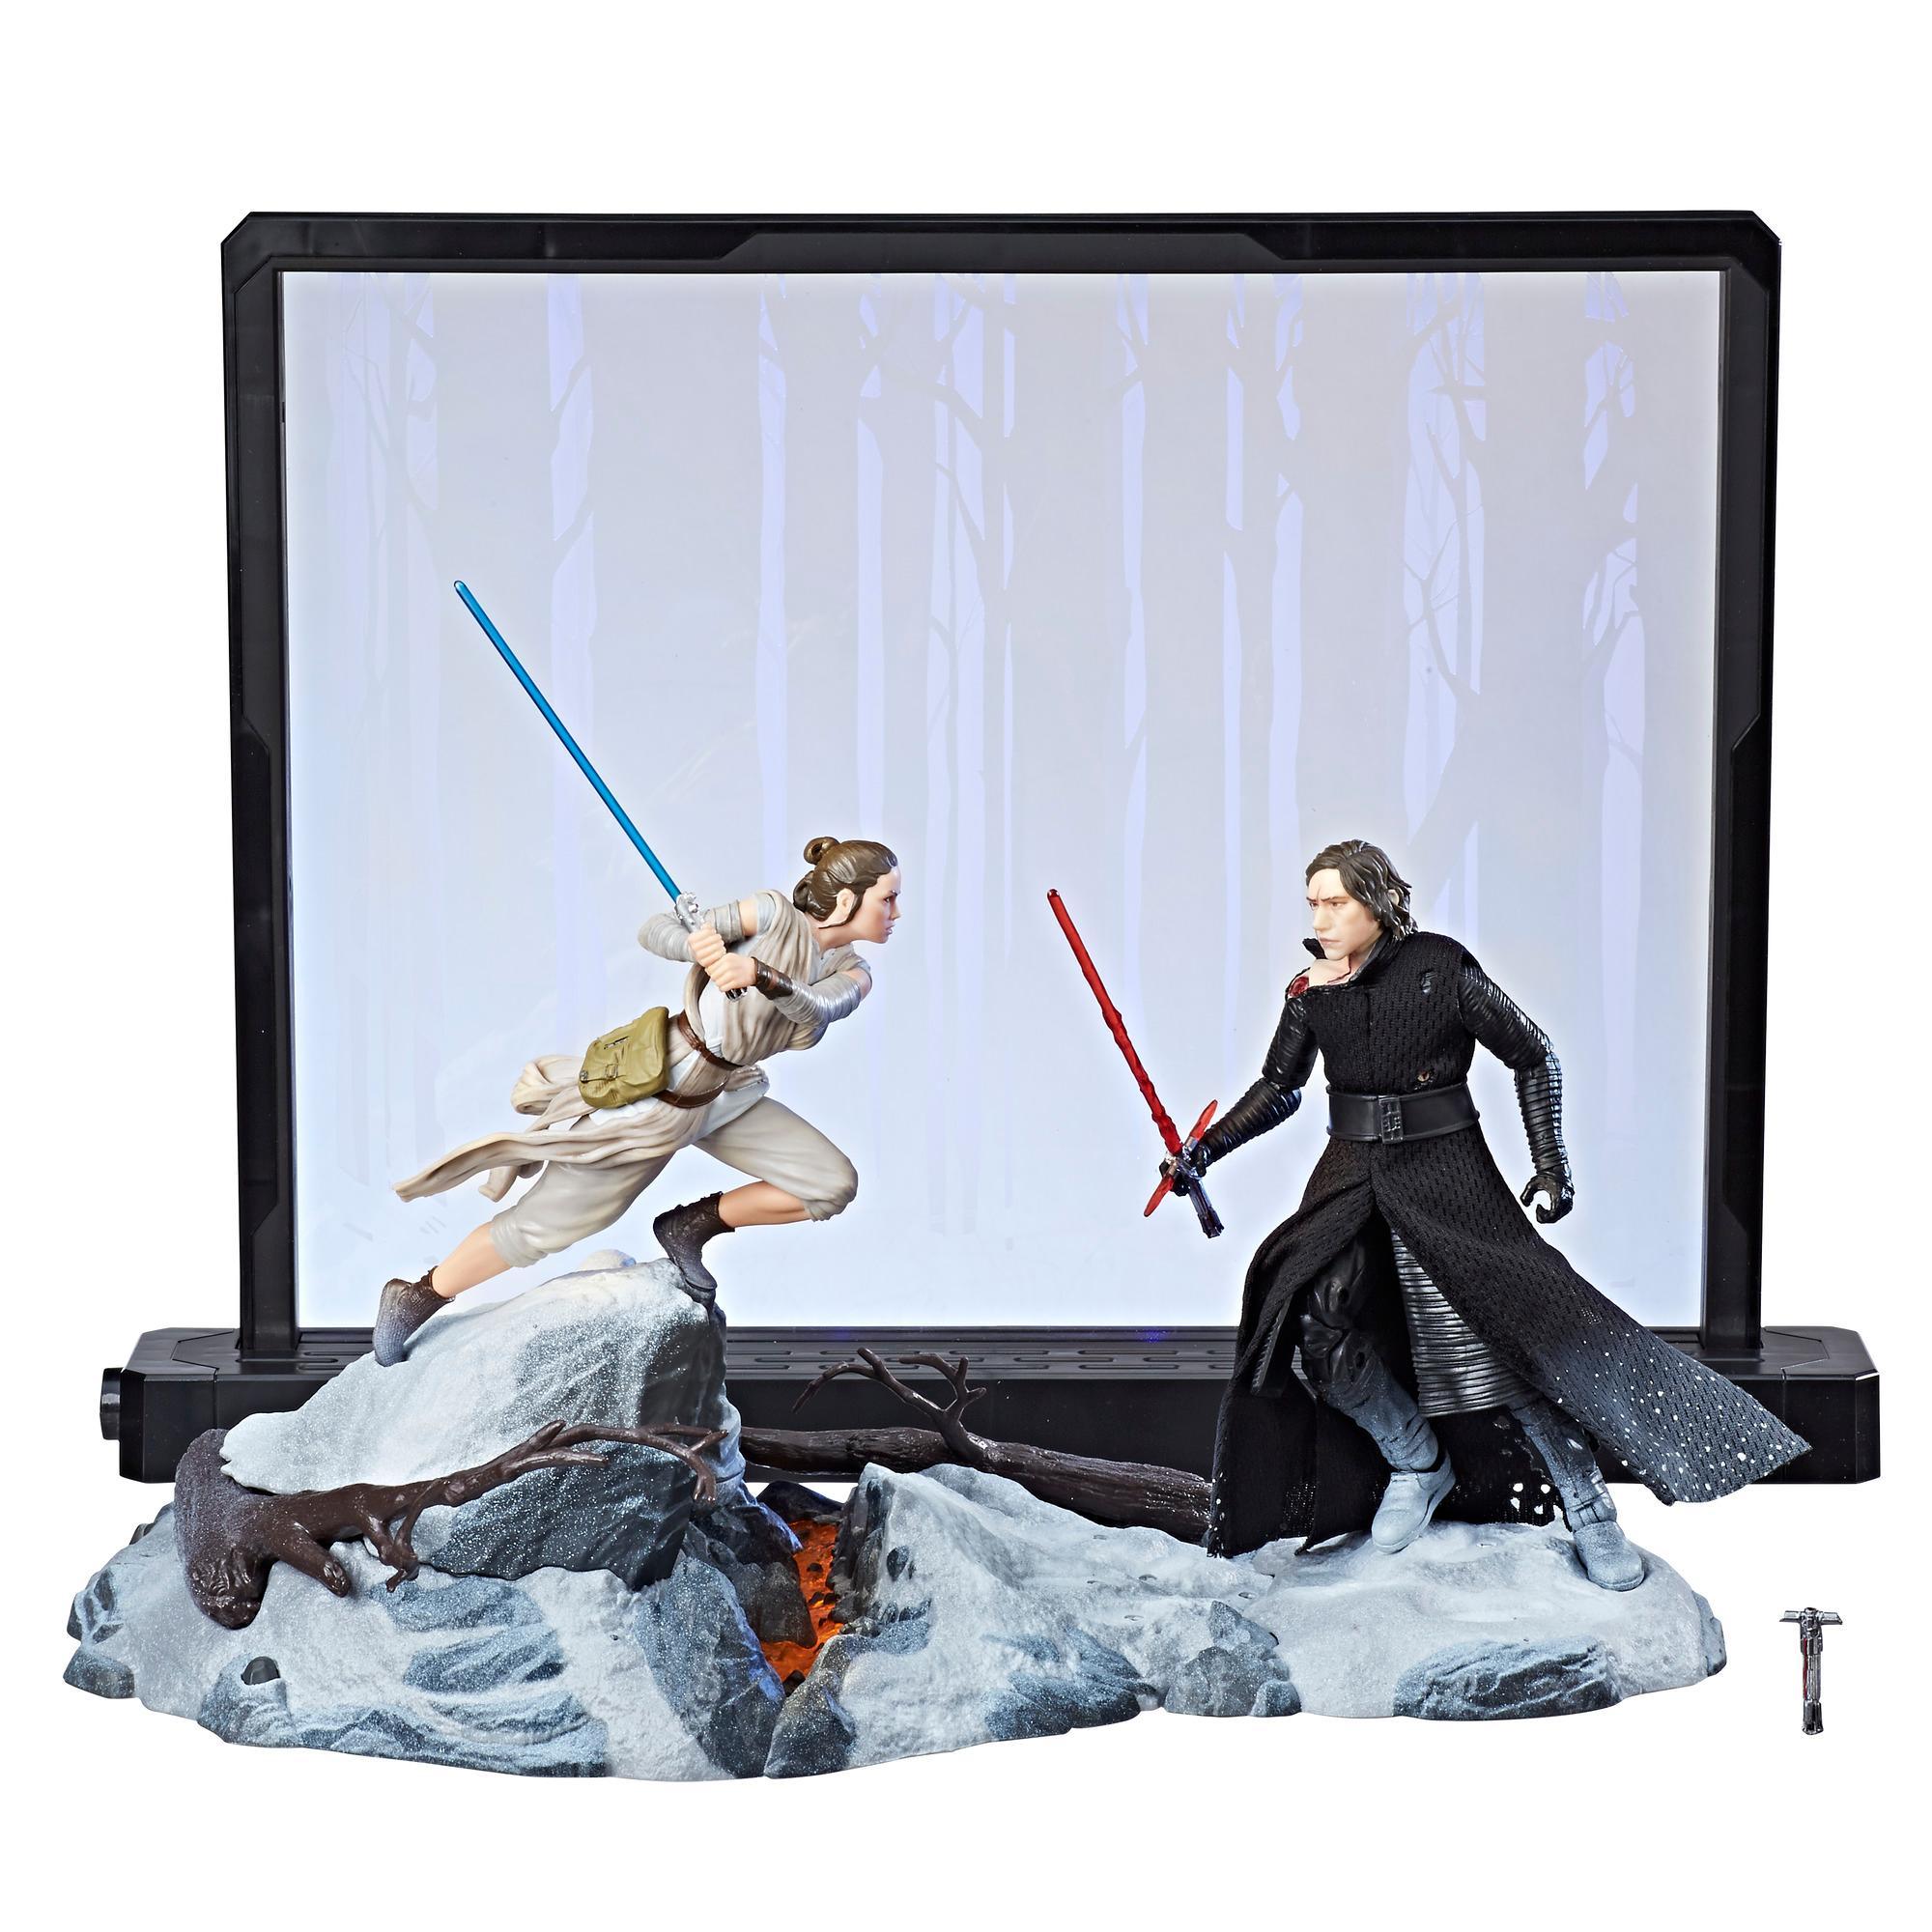 Star Wars The Black Series Centerpiece Rey (Starkiller Base) & Kylo Ren Figure